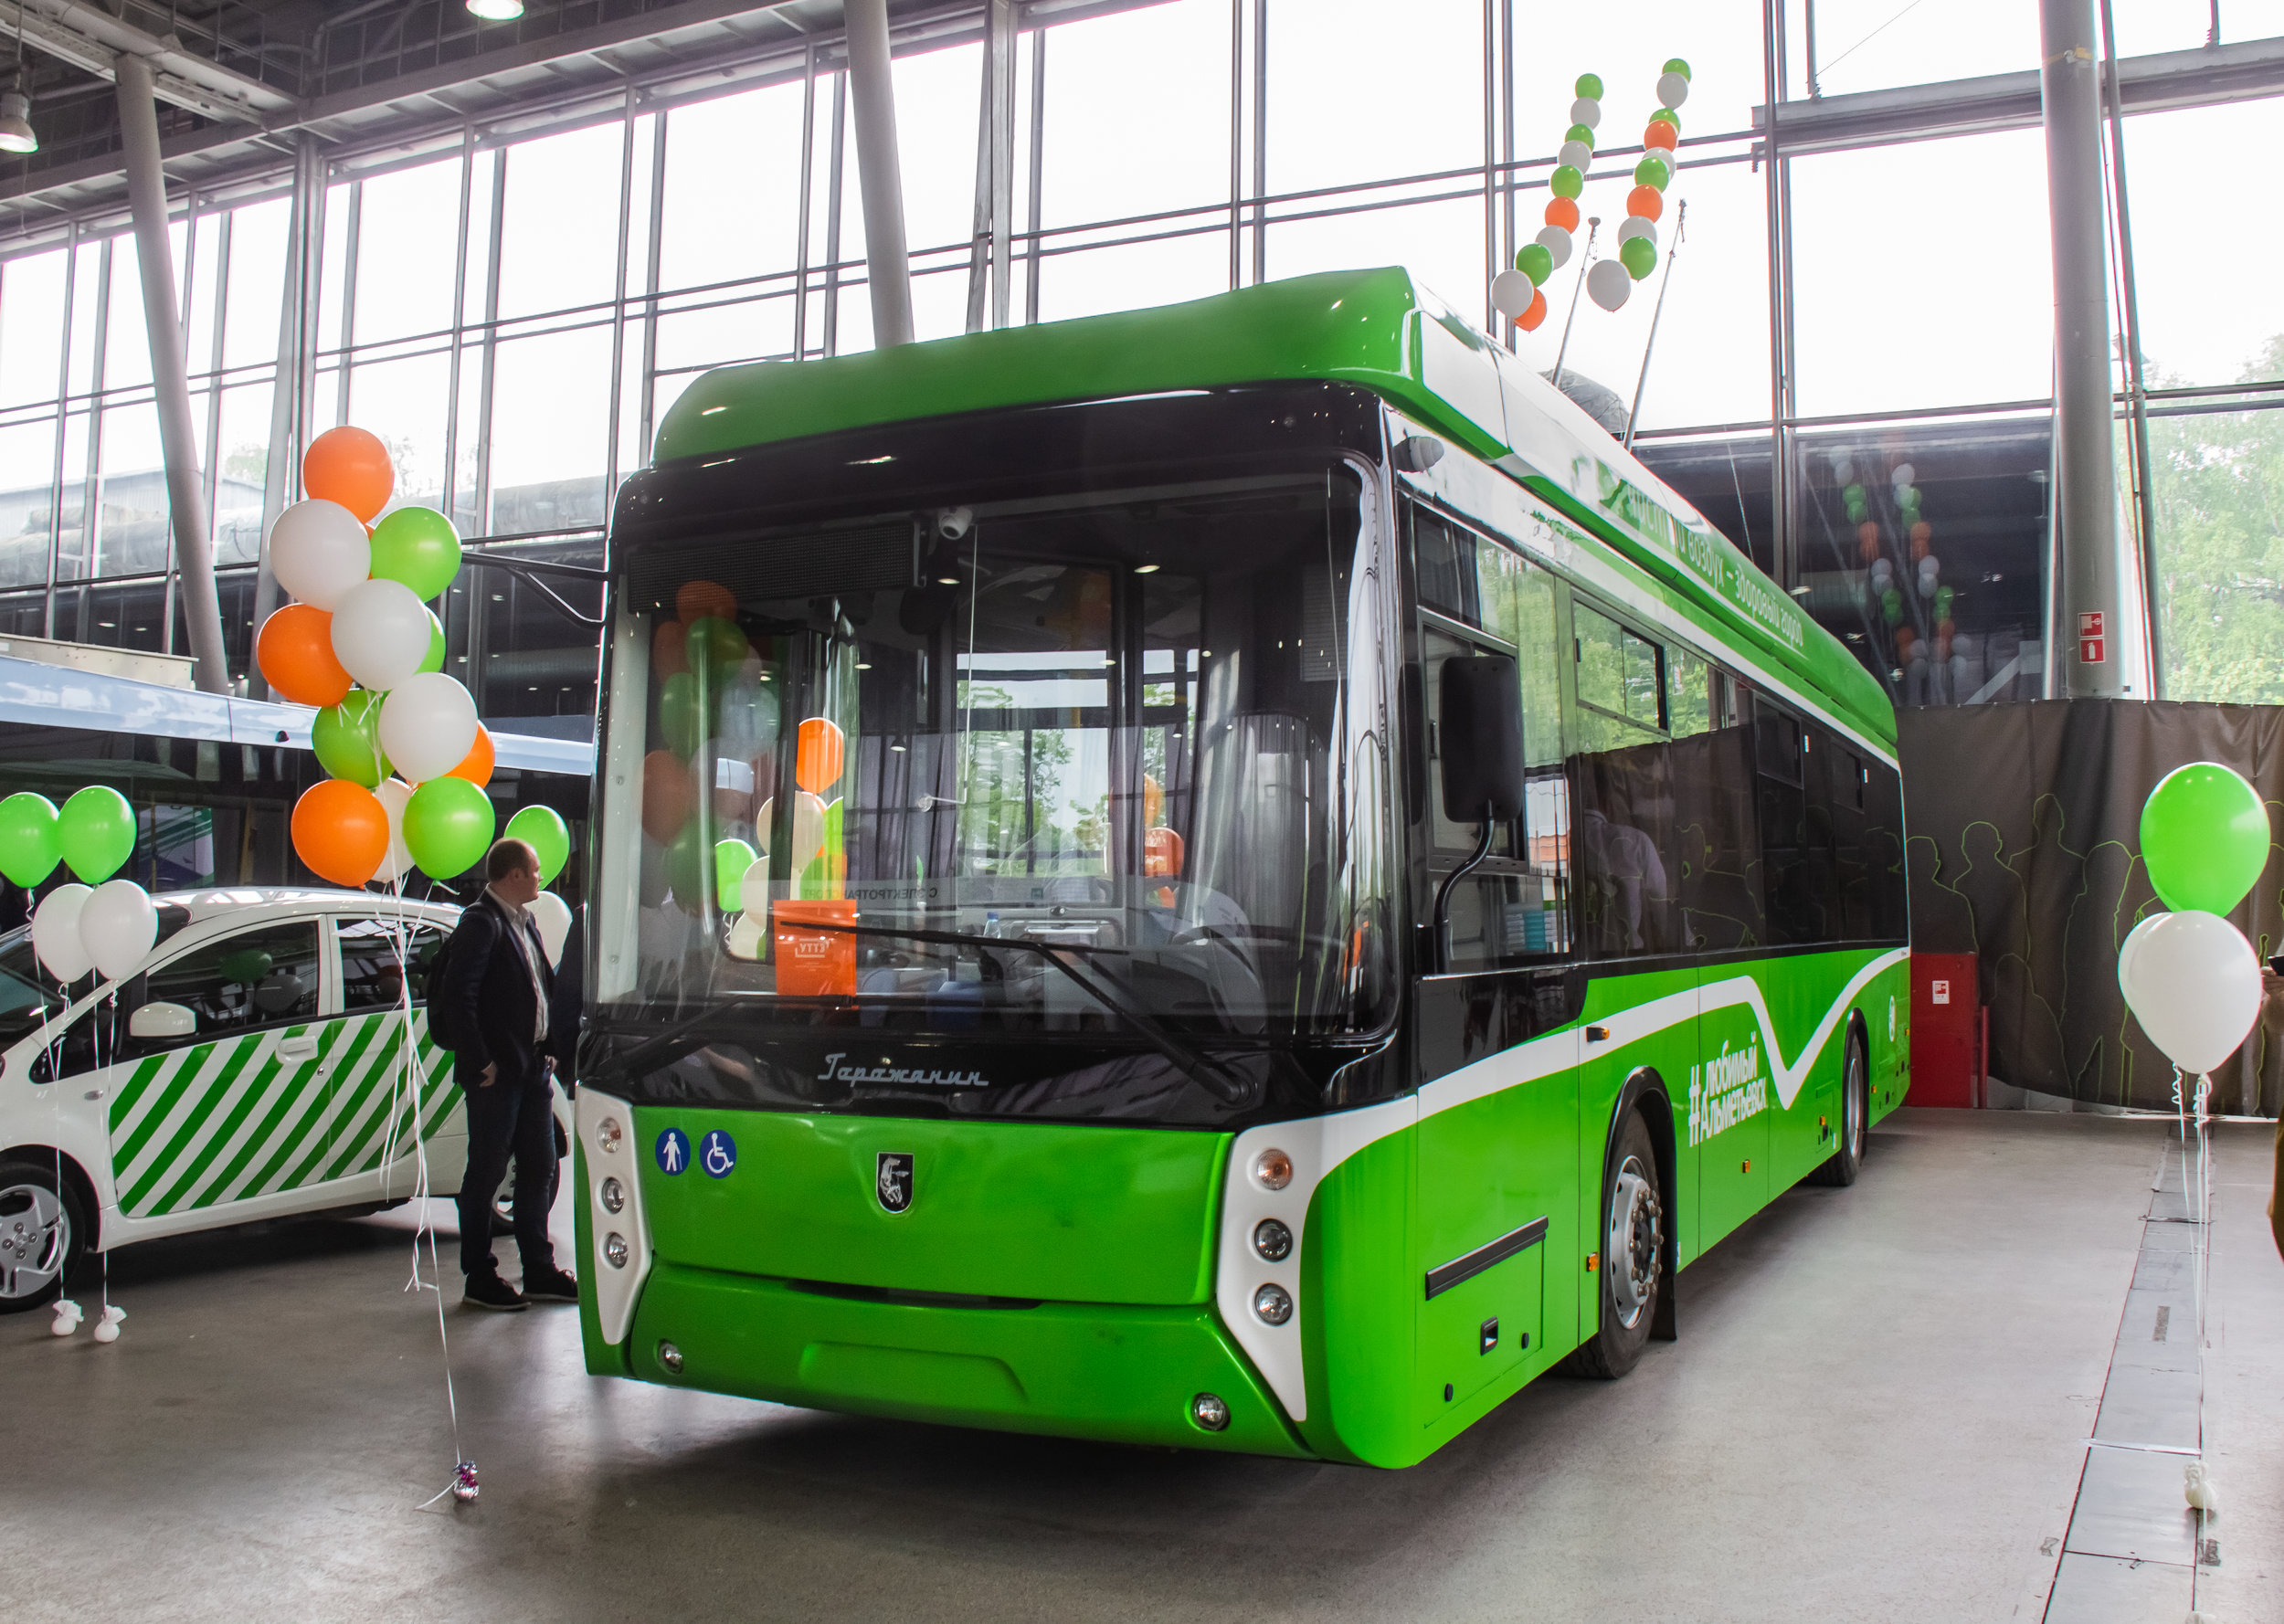 Parciální trolejbus od UTTZ se prezentoval nejen s novou barvou, ale i desítkami barevných balónků okolo.